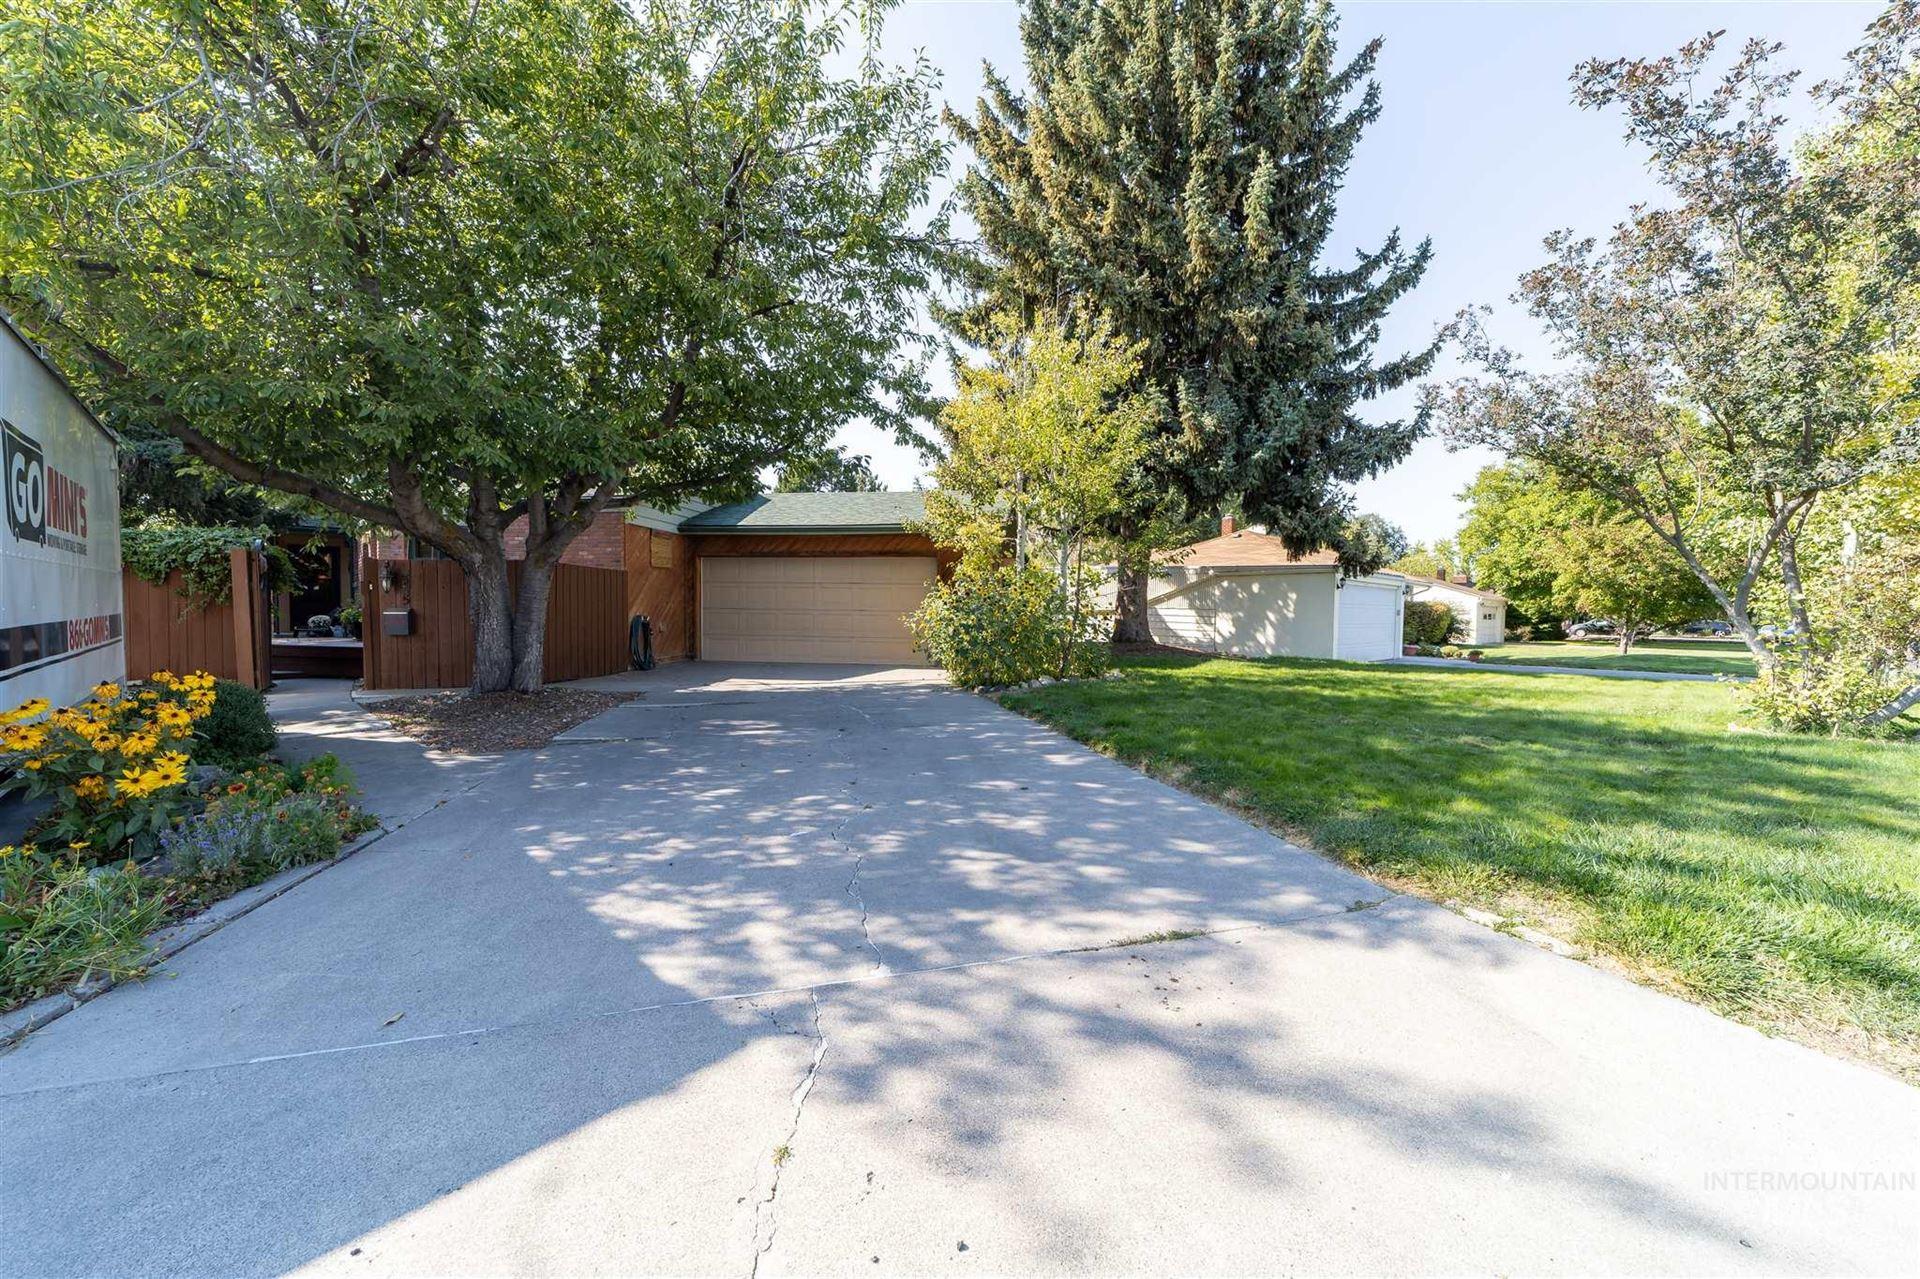 385 Sunrise Blvd N, Twin Falls, ID 83301 - MLS#: 98780130